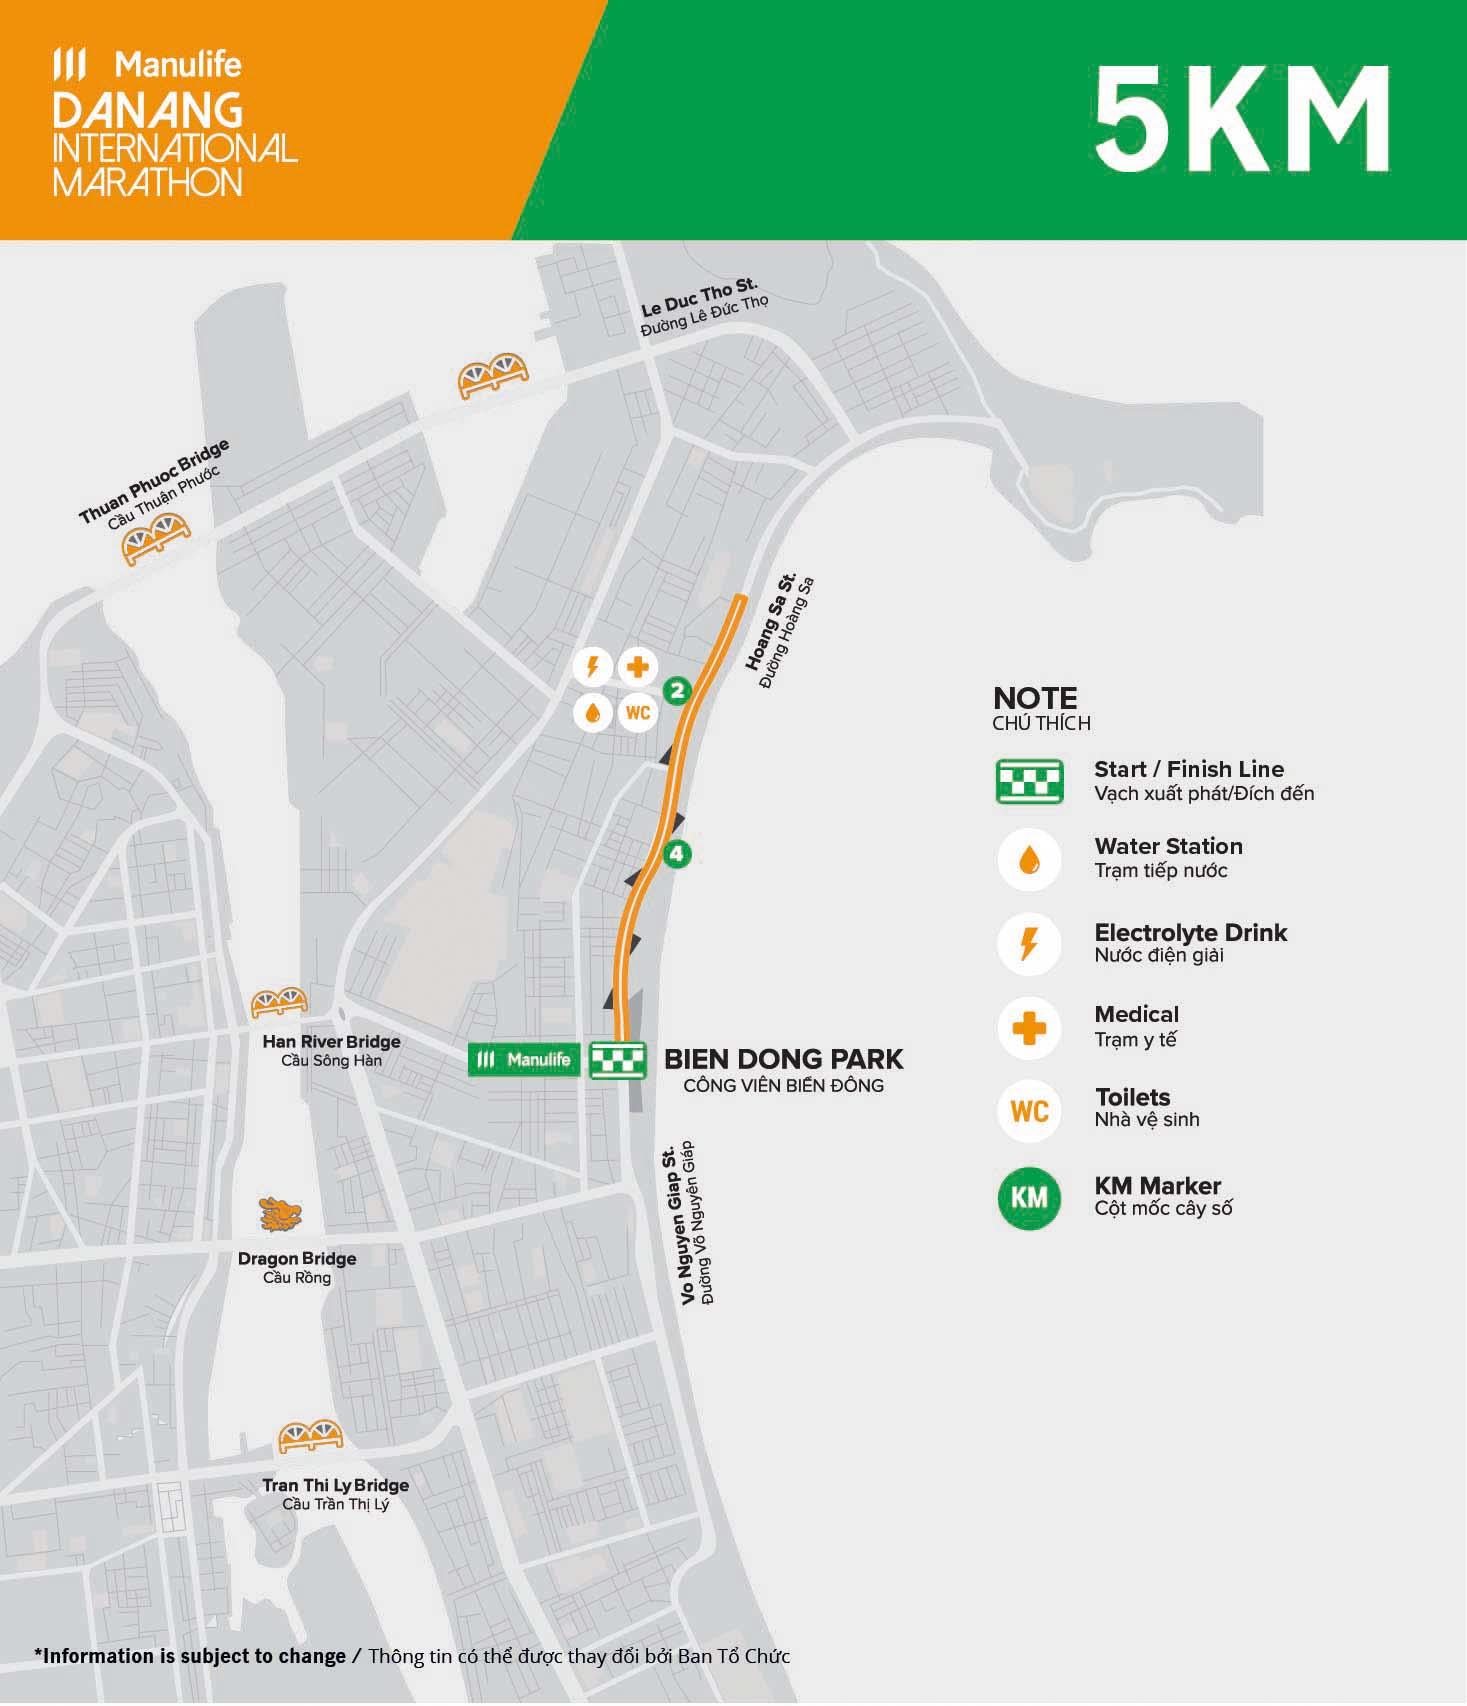 MDNIM20 - Course - 5km